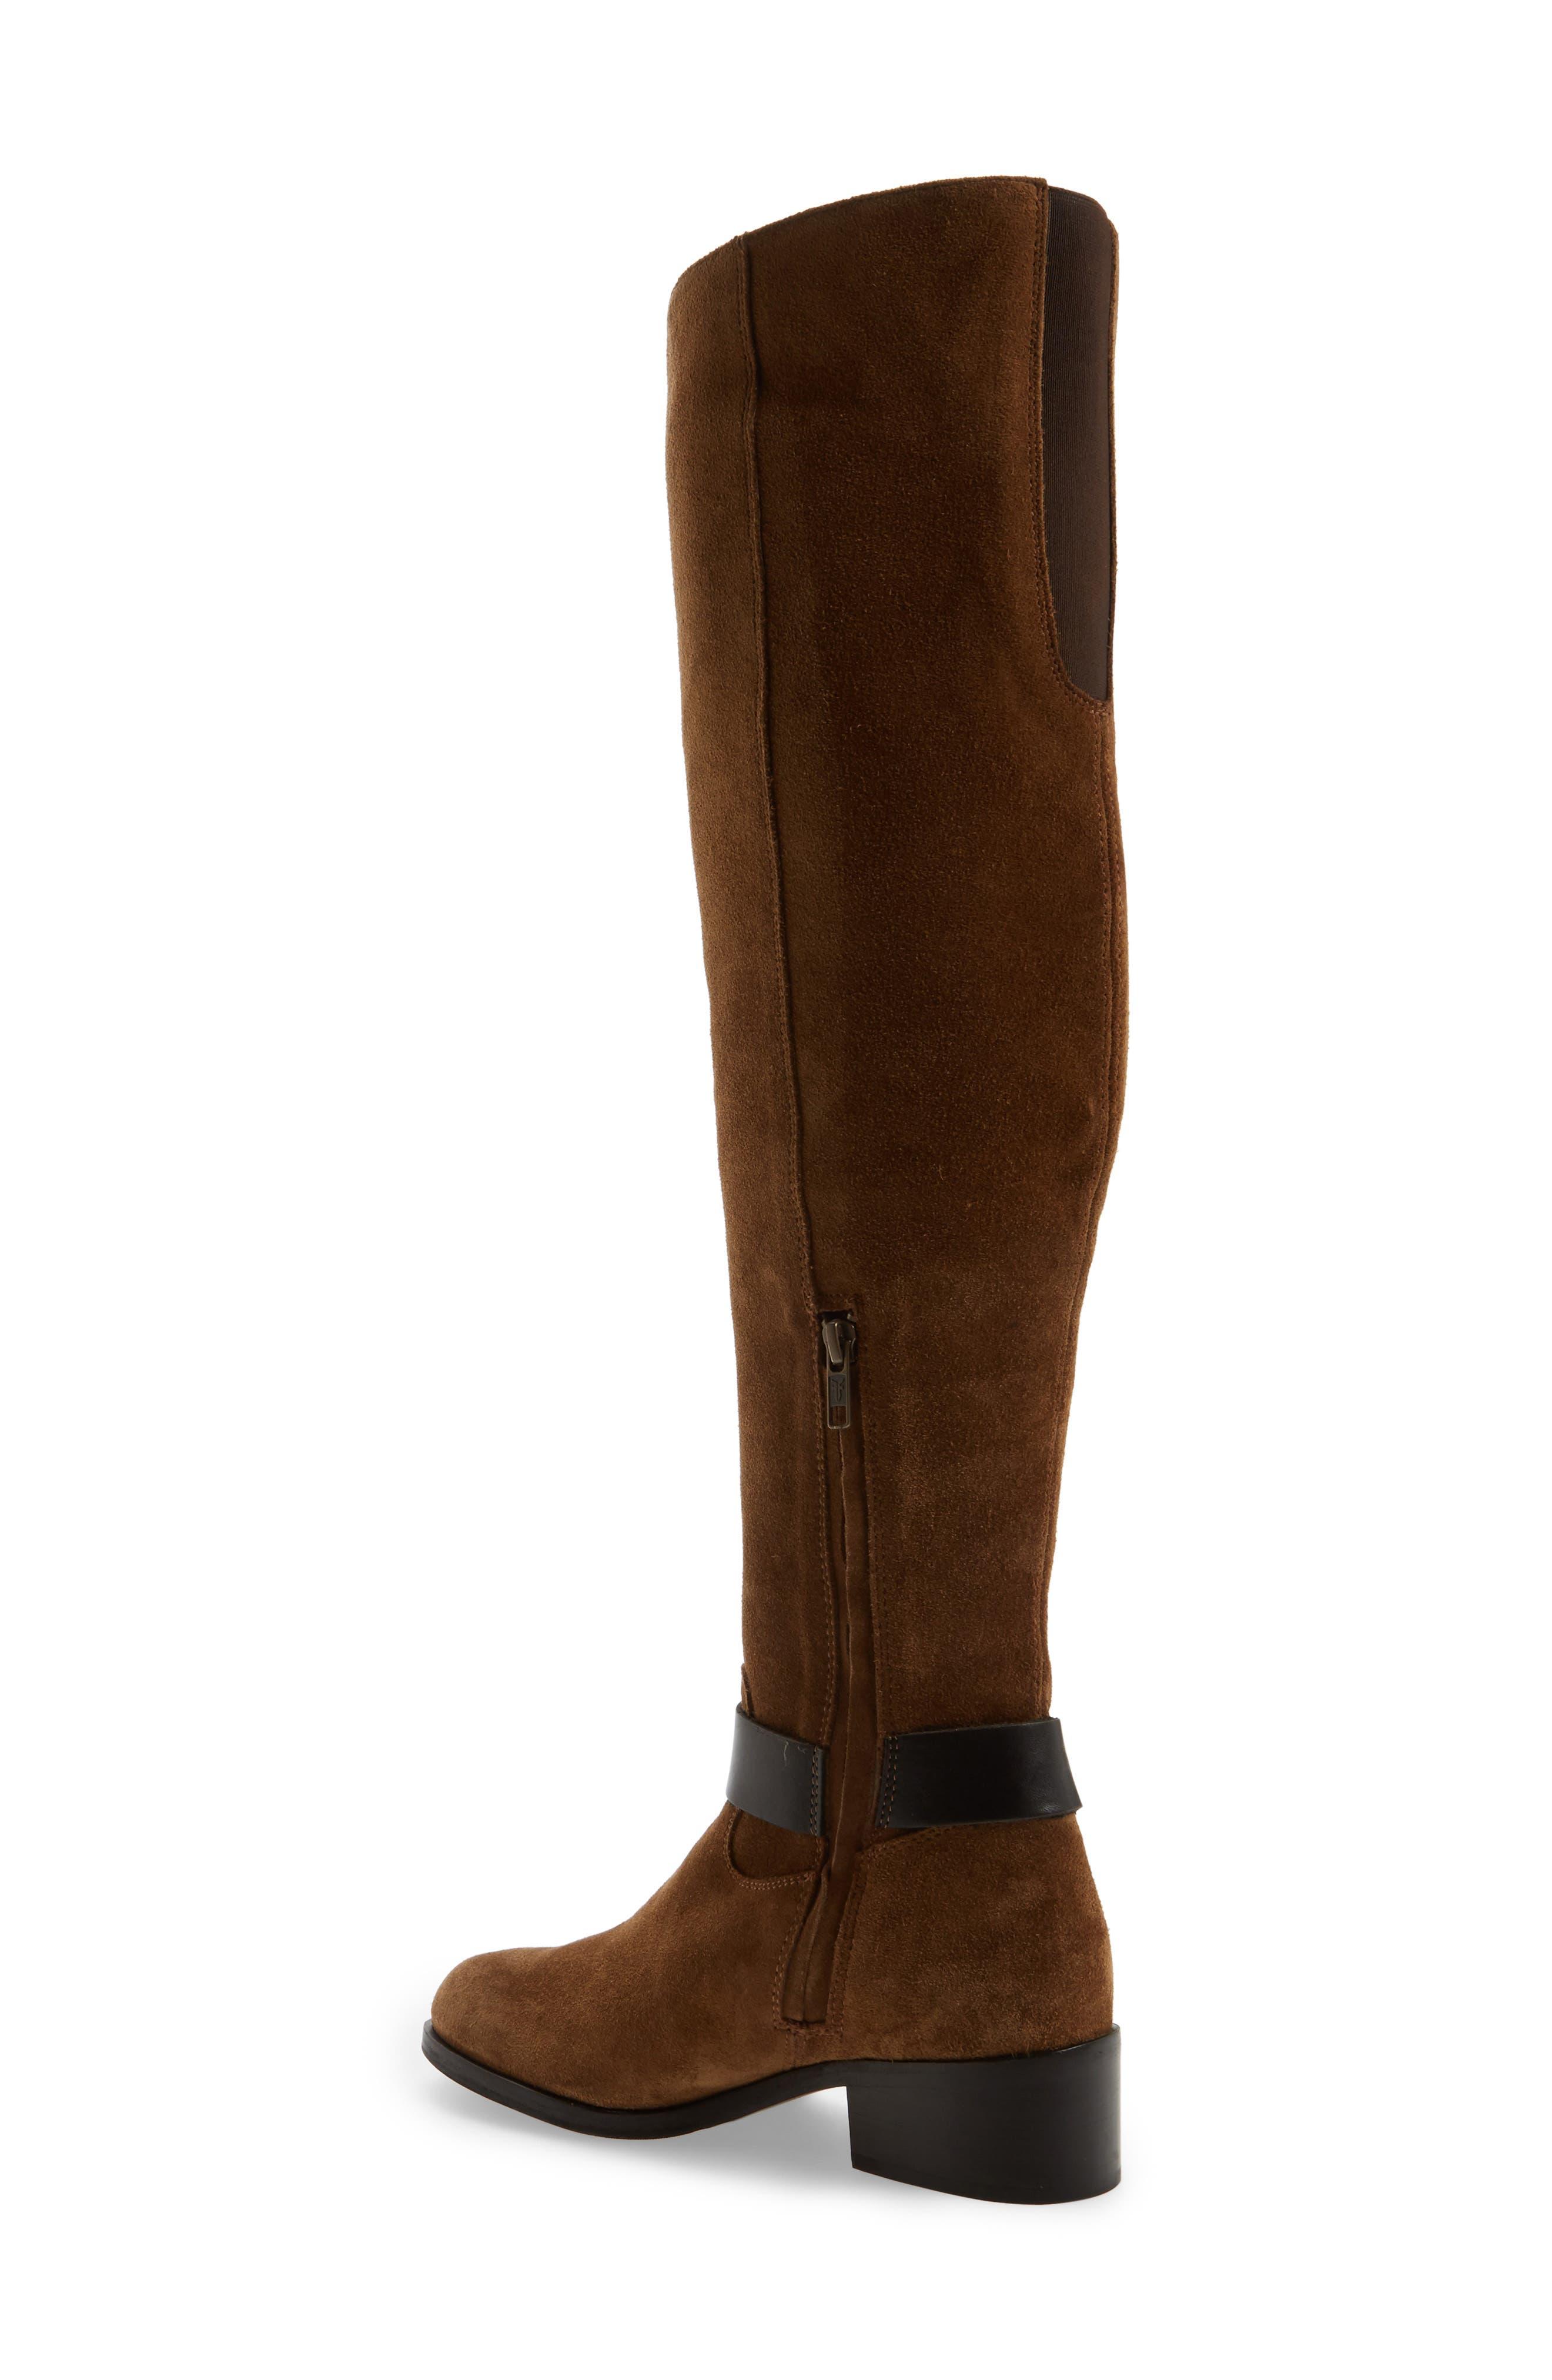 Alternate Image 2  - Frye Kristen Harness Over the Knee Boot (Women)